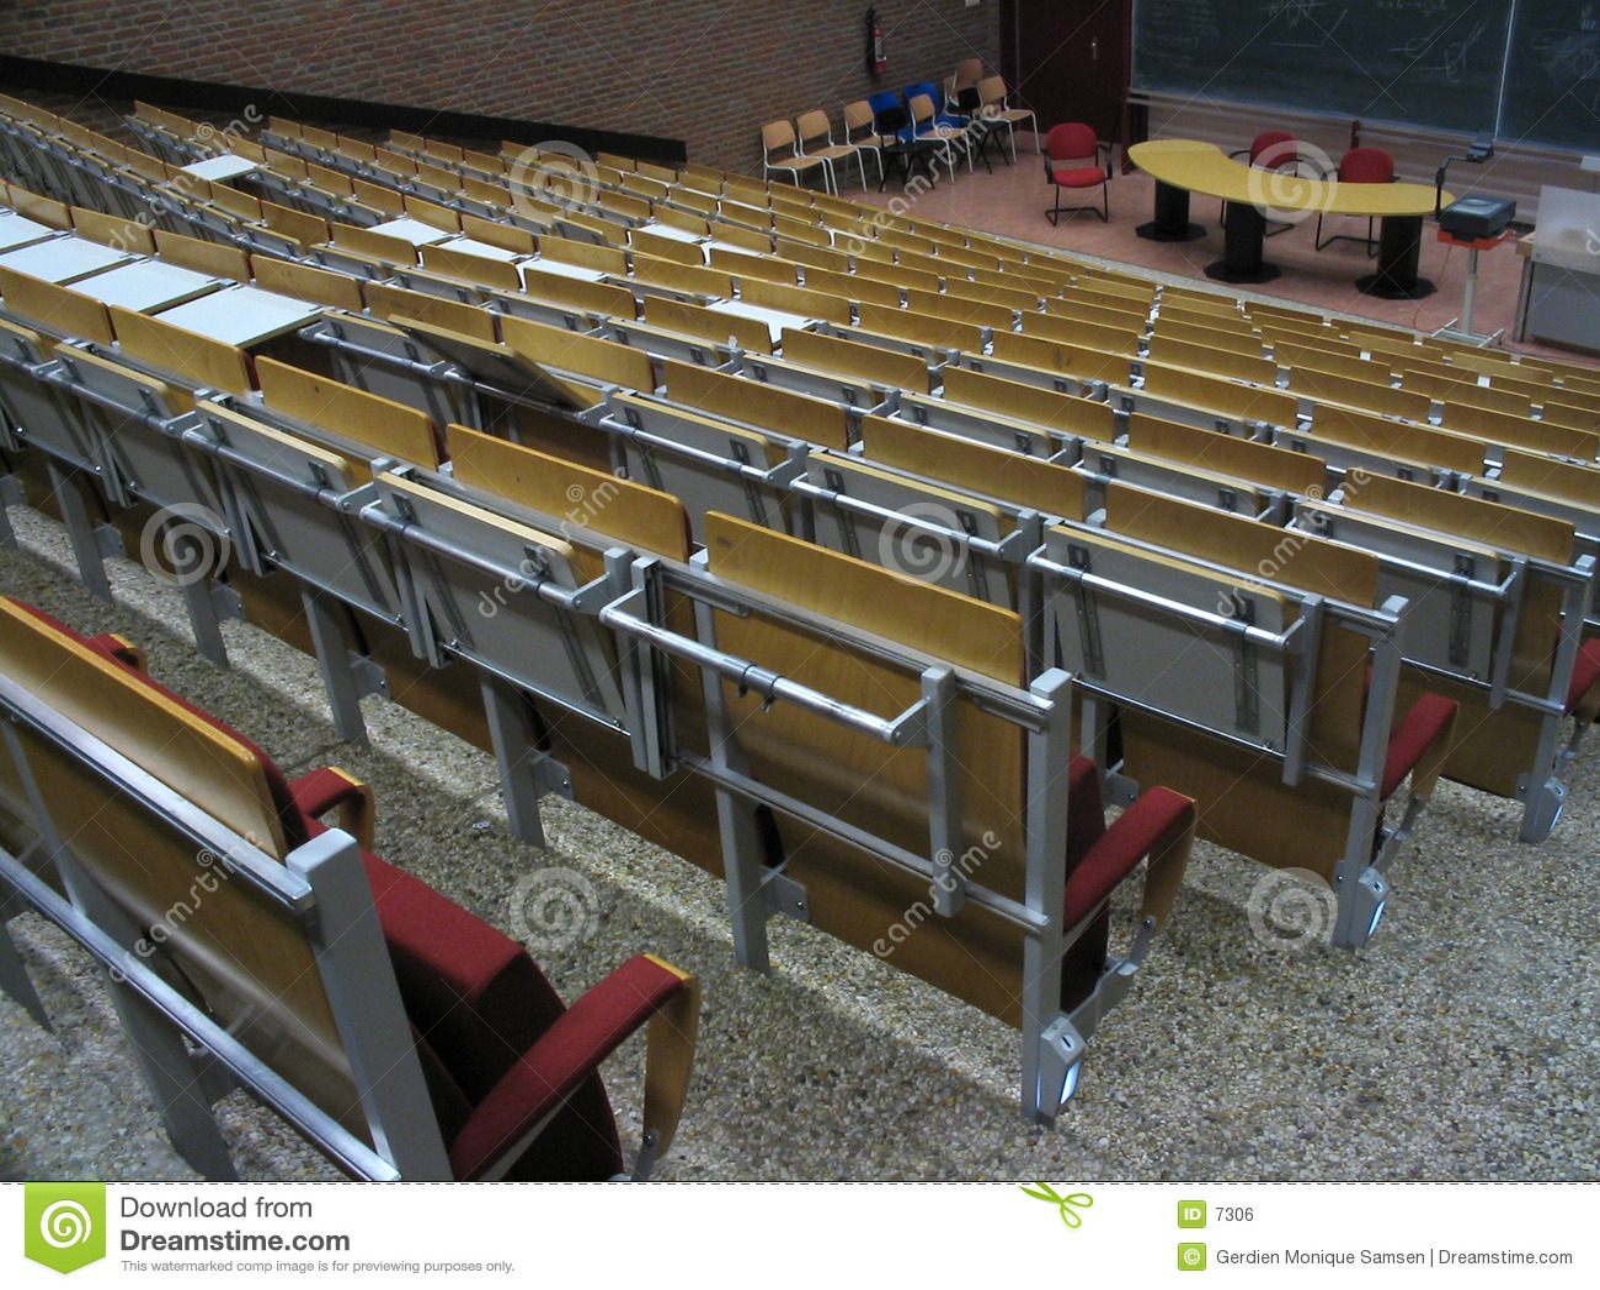 College Theatre I